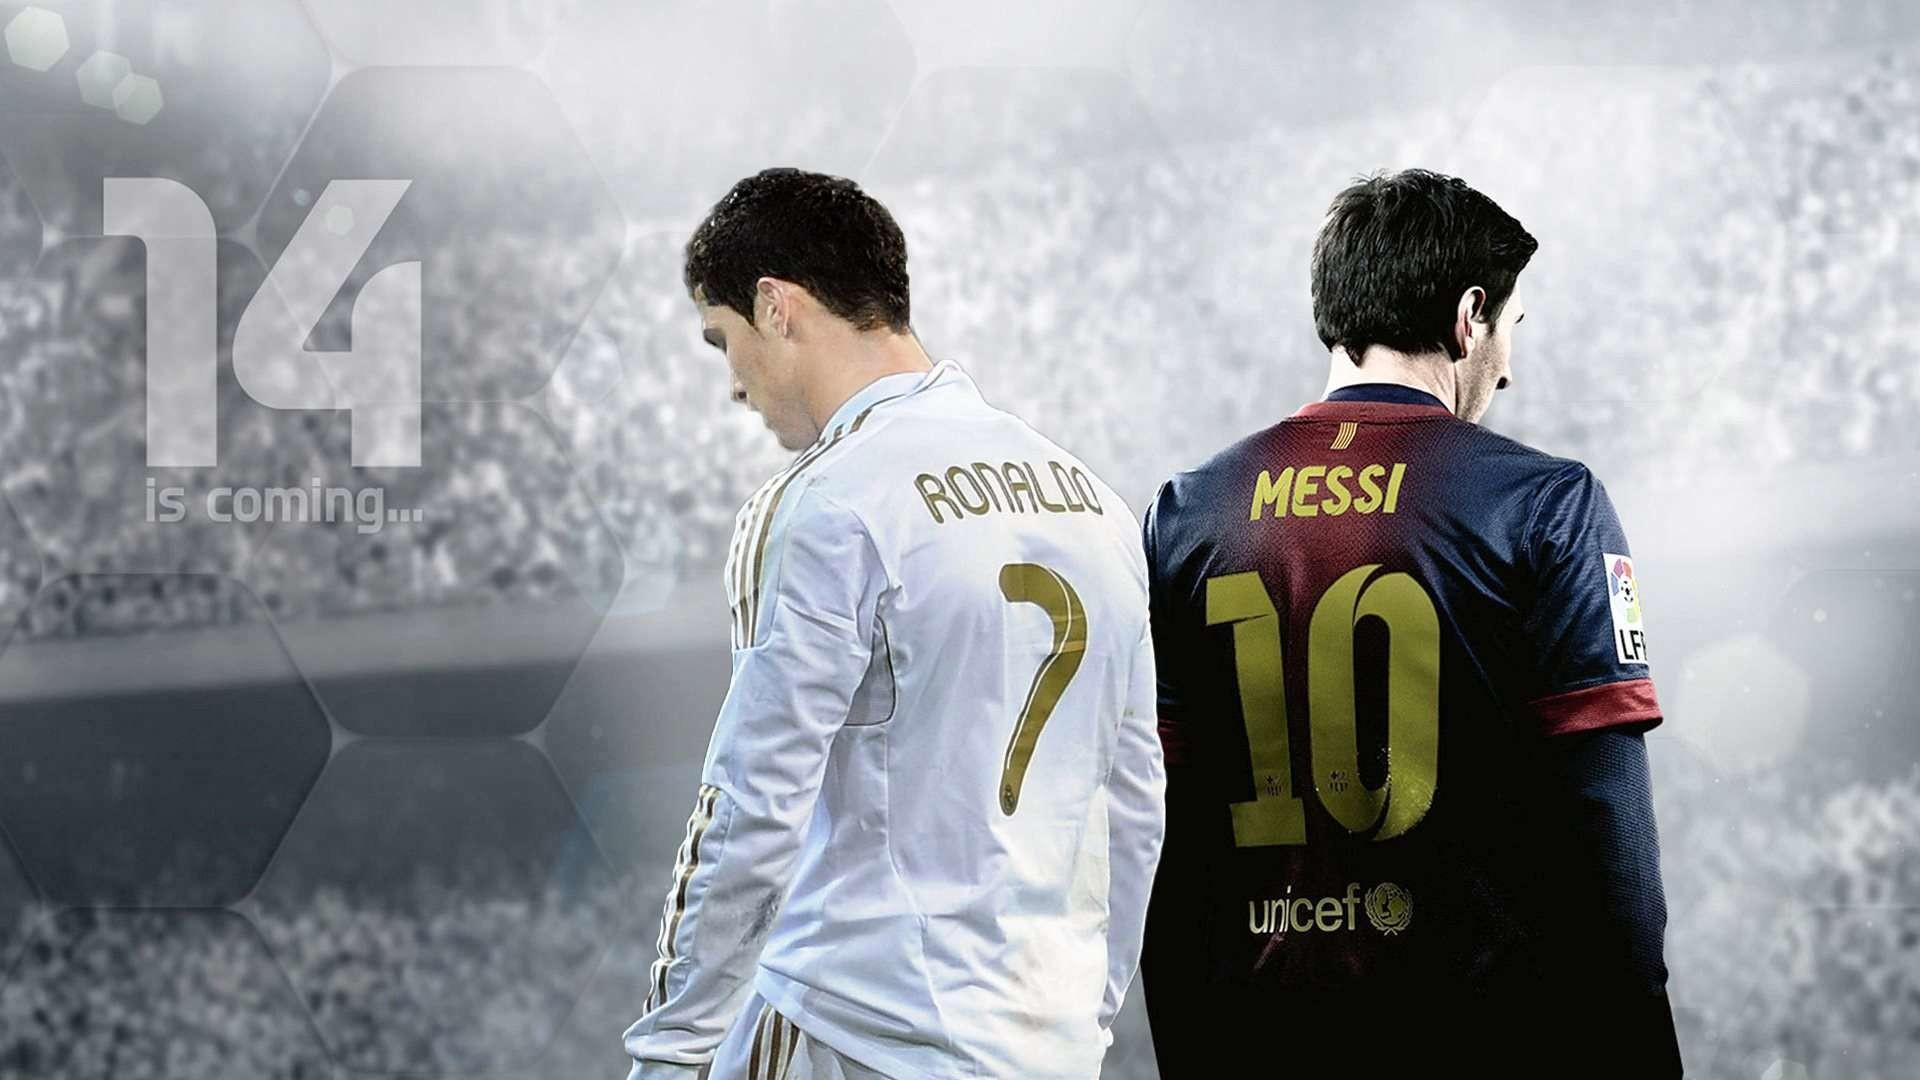 Messi vs Ronaldo Wallpaper 2018 HD 77 images 1920x1080